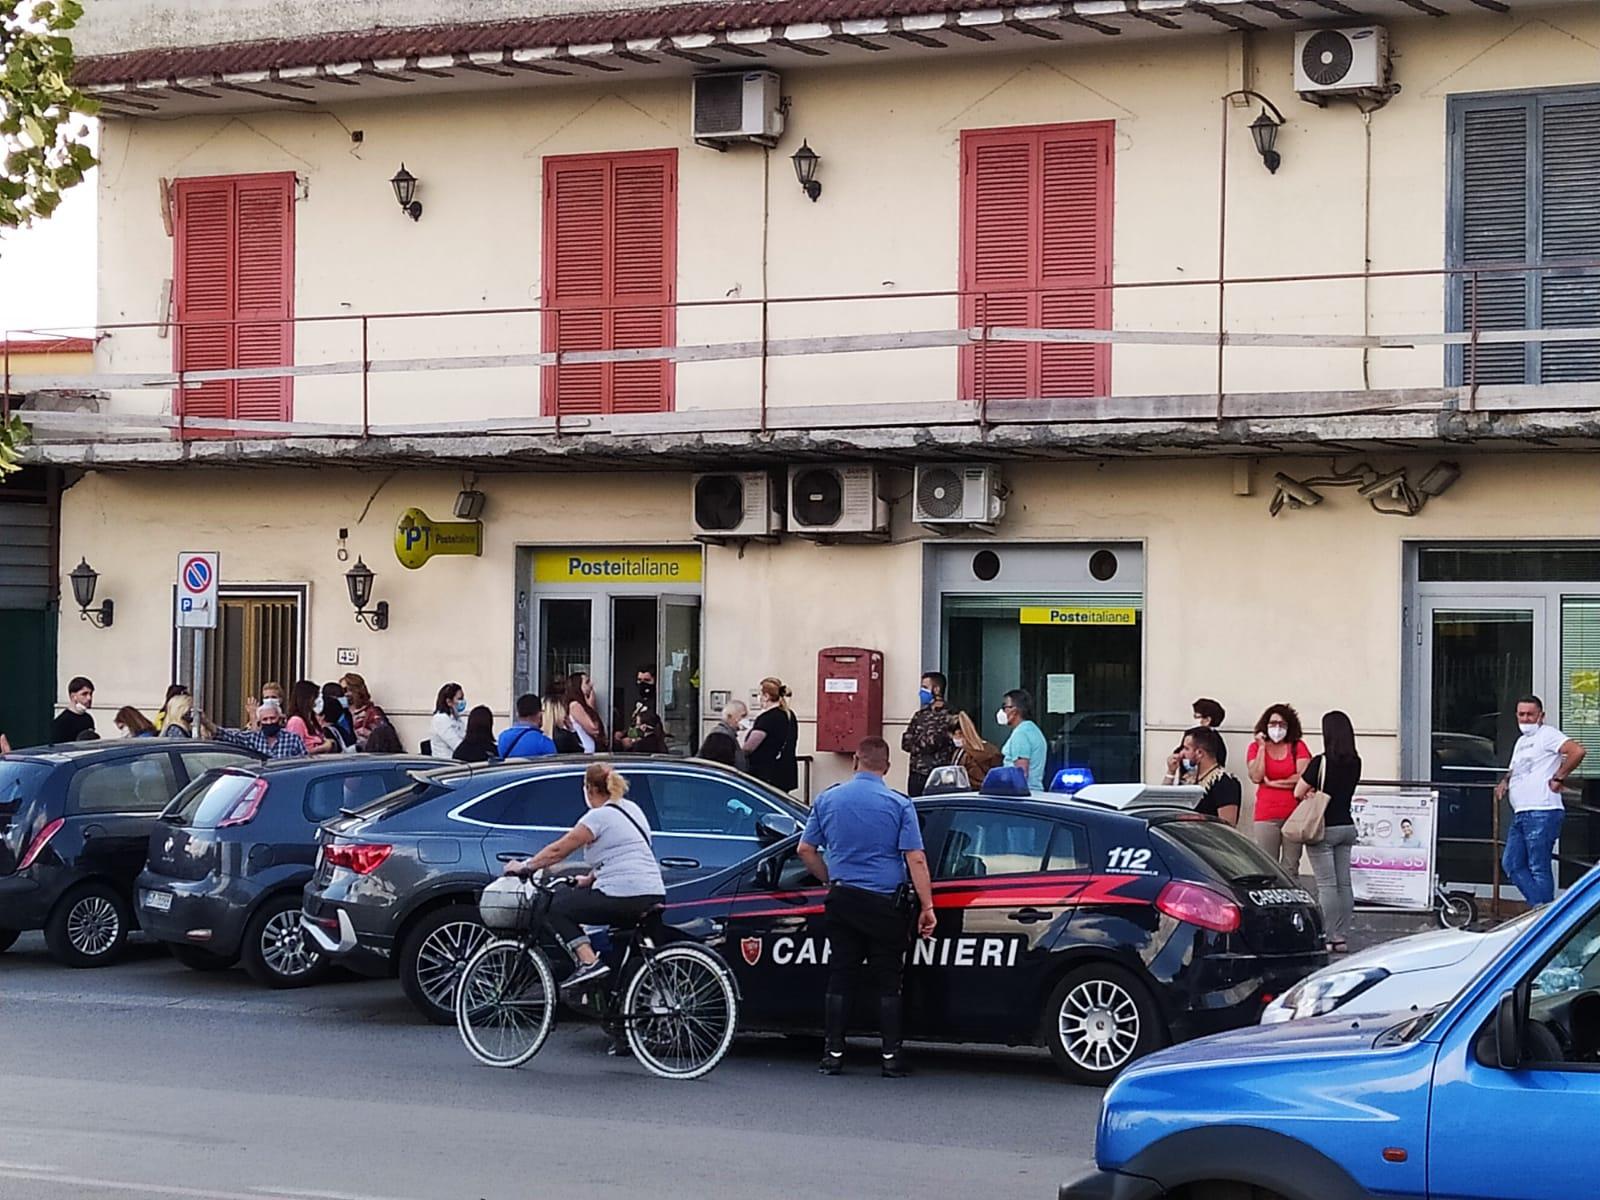 Fila non rispettata, tensione all'ufficio postale: arrivano i carabinieri